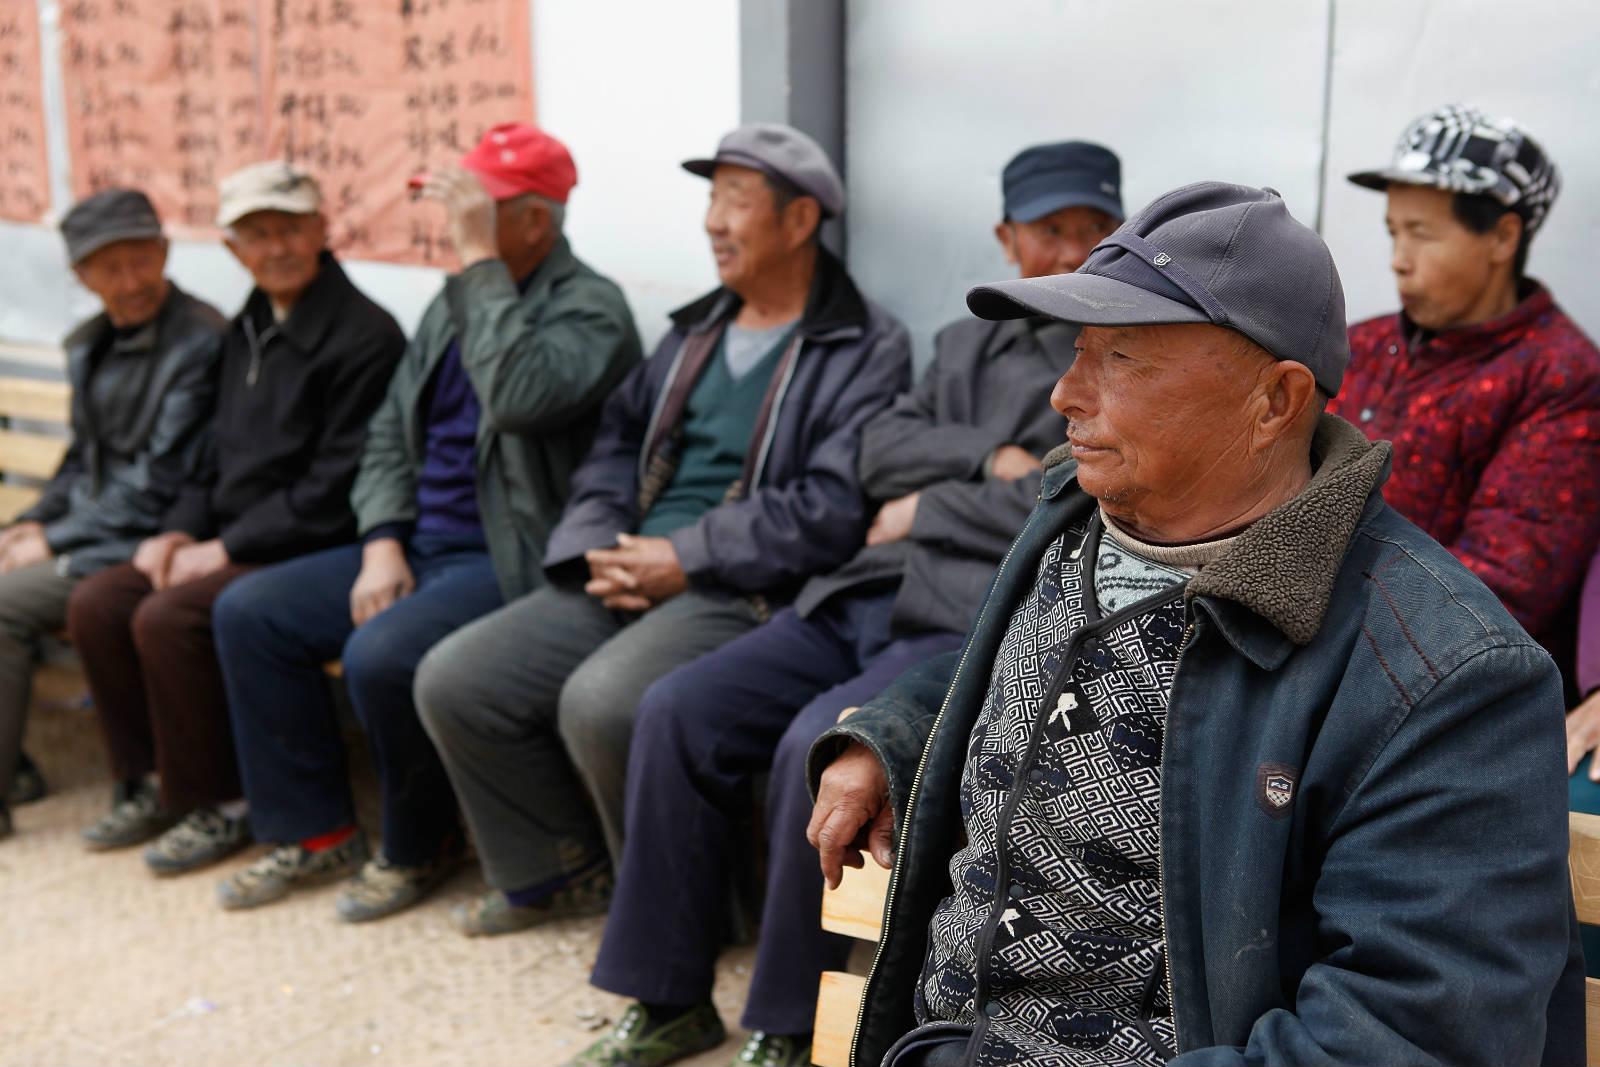 內蒙古五良太鄉的老人們,定時定候在小診所門外等候遠道而來的醫療團隊。